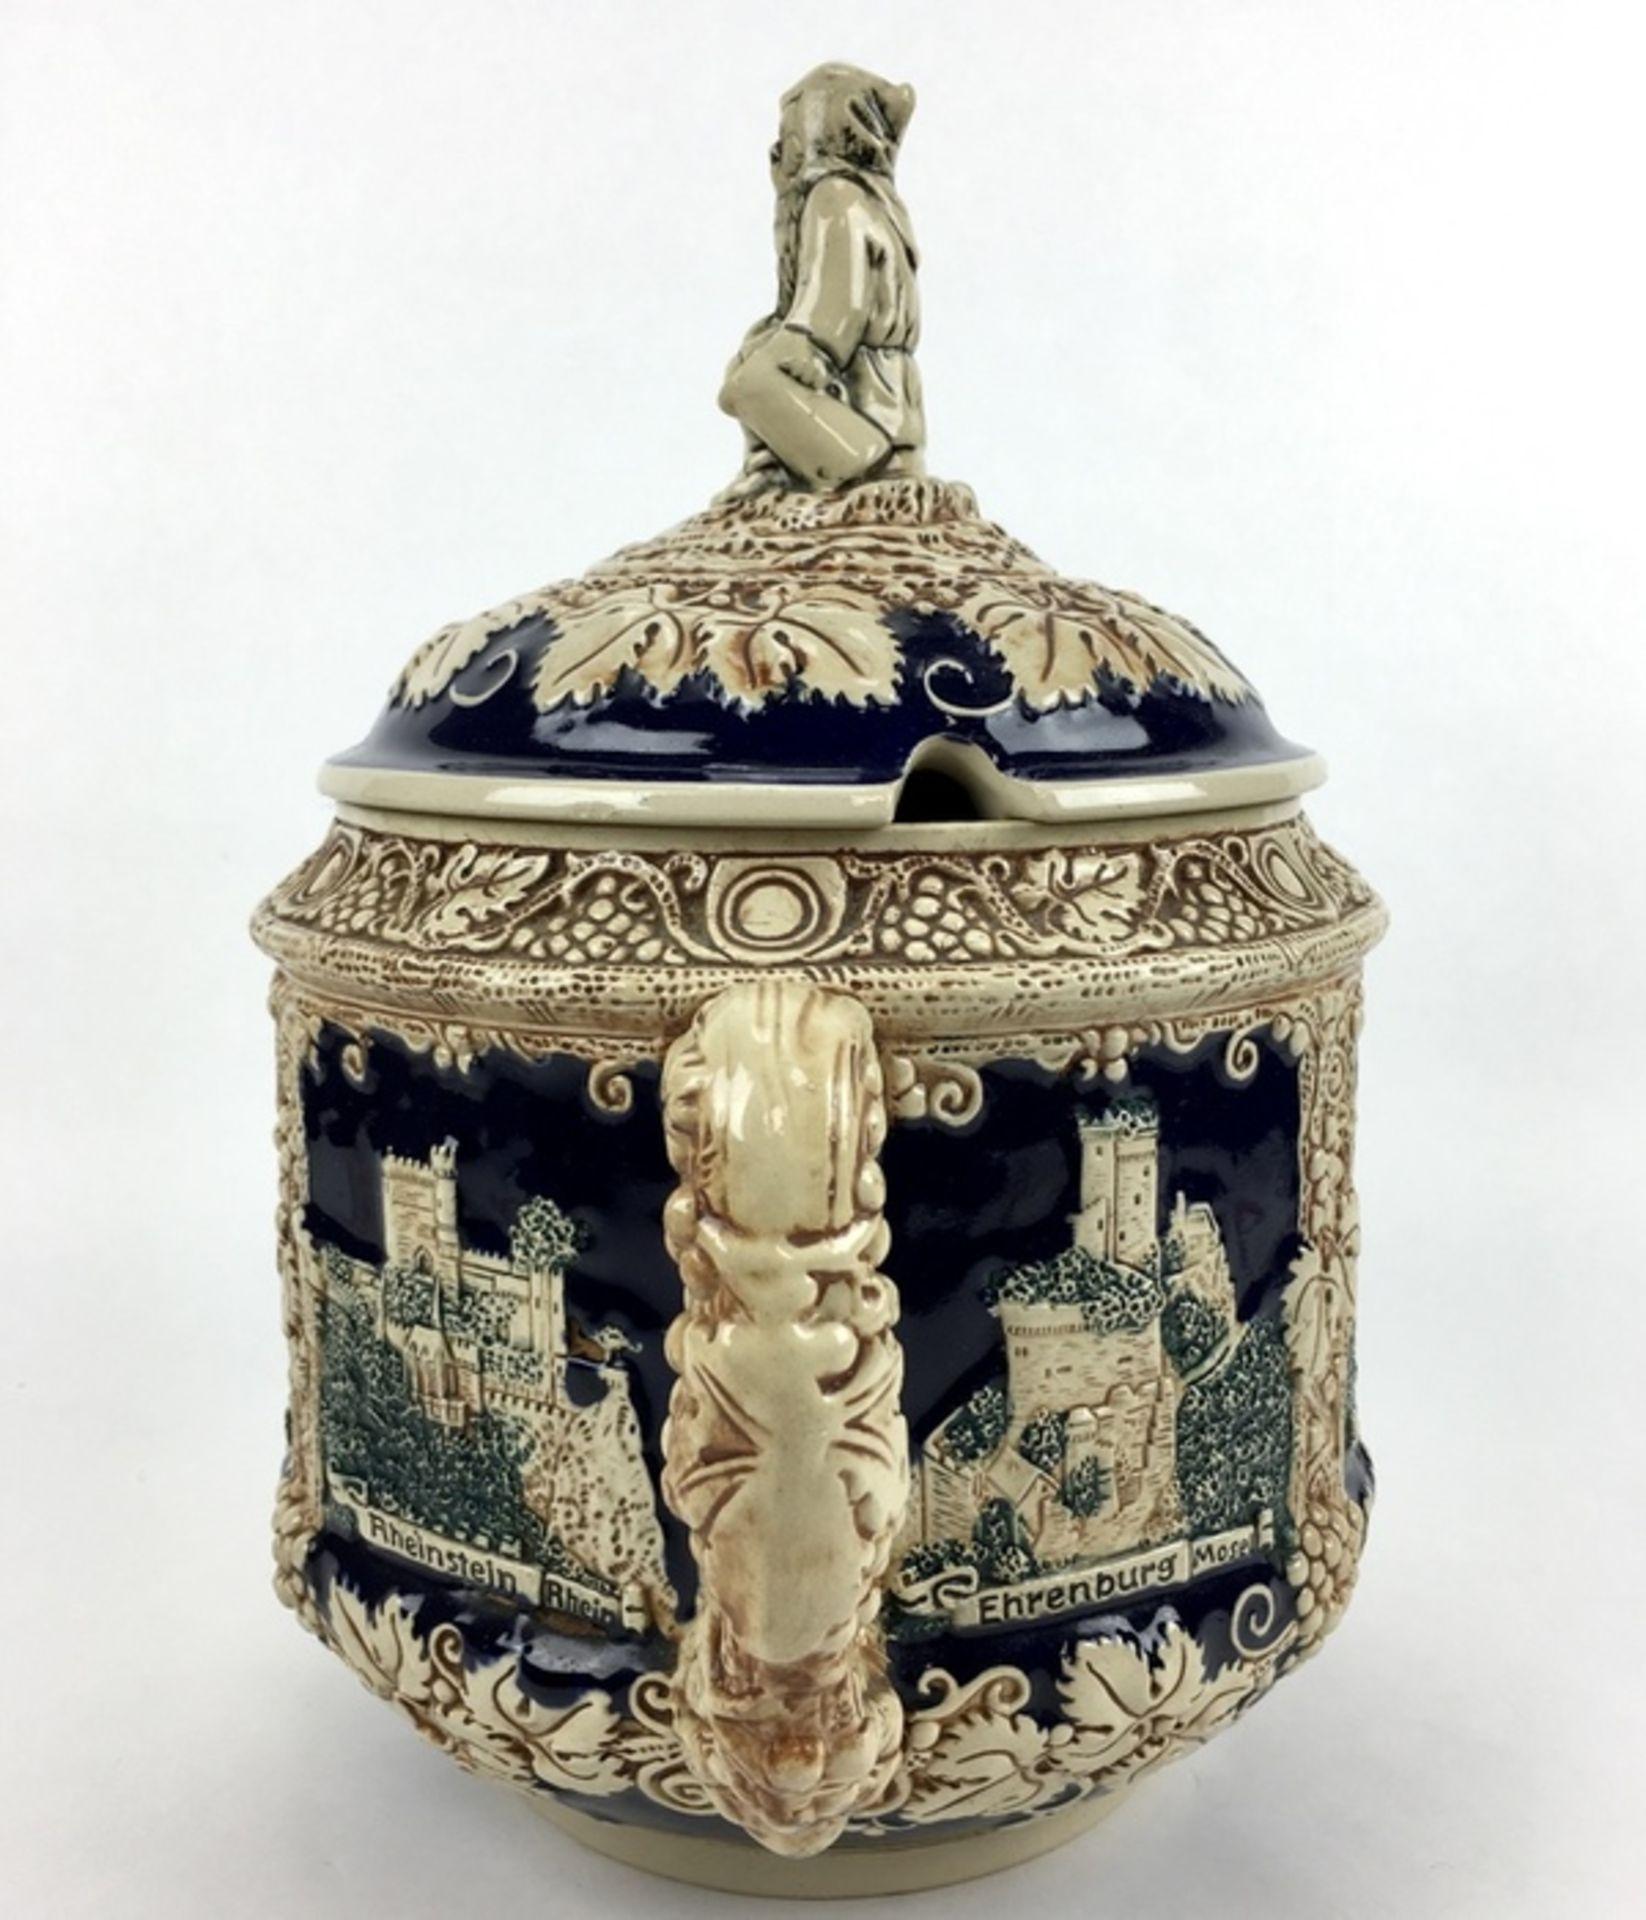 (Curiosa) Aardewerk bowl pot, DuitslandAardewerk bowl pot met druiventrossen decoratie. Duitsla - Bild 5 aus 8